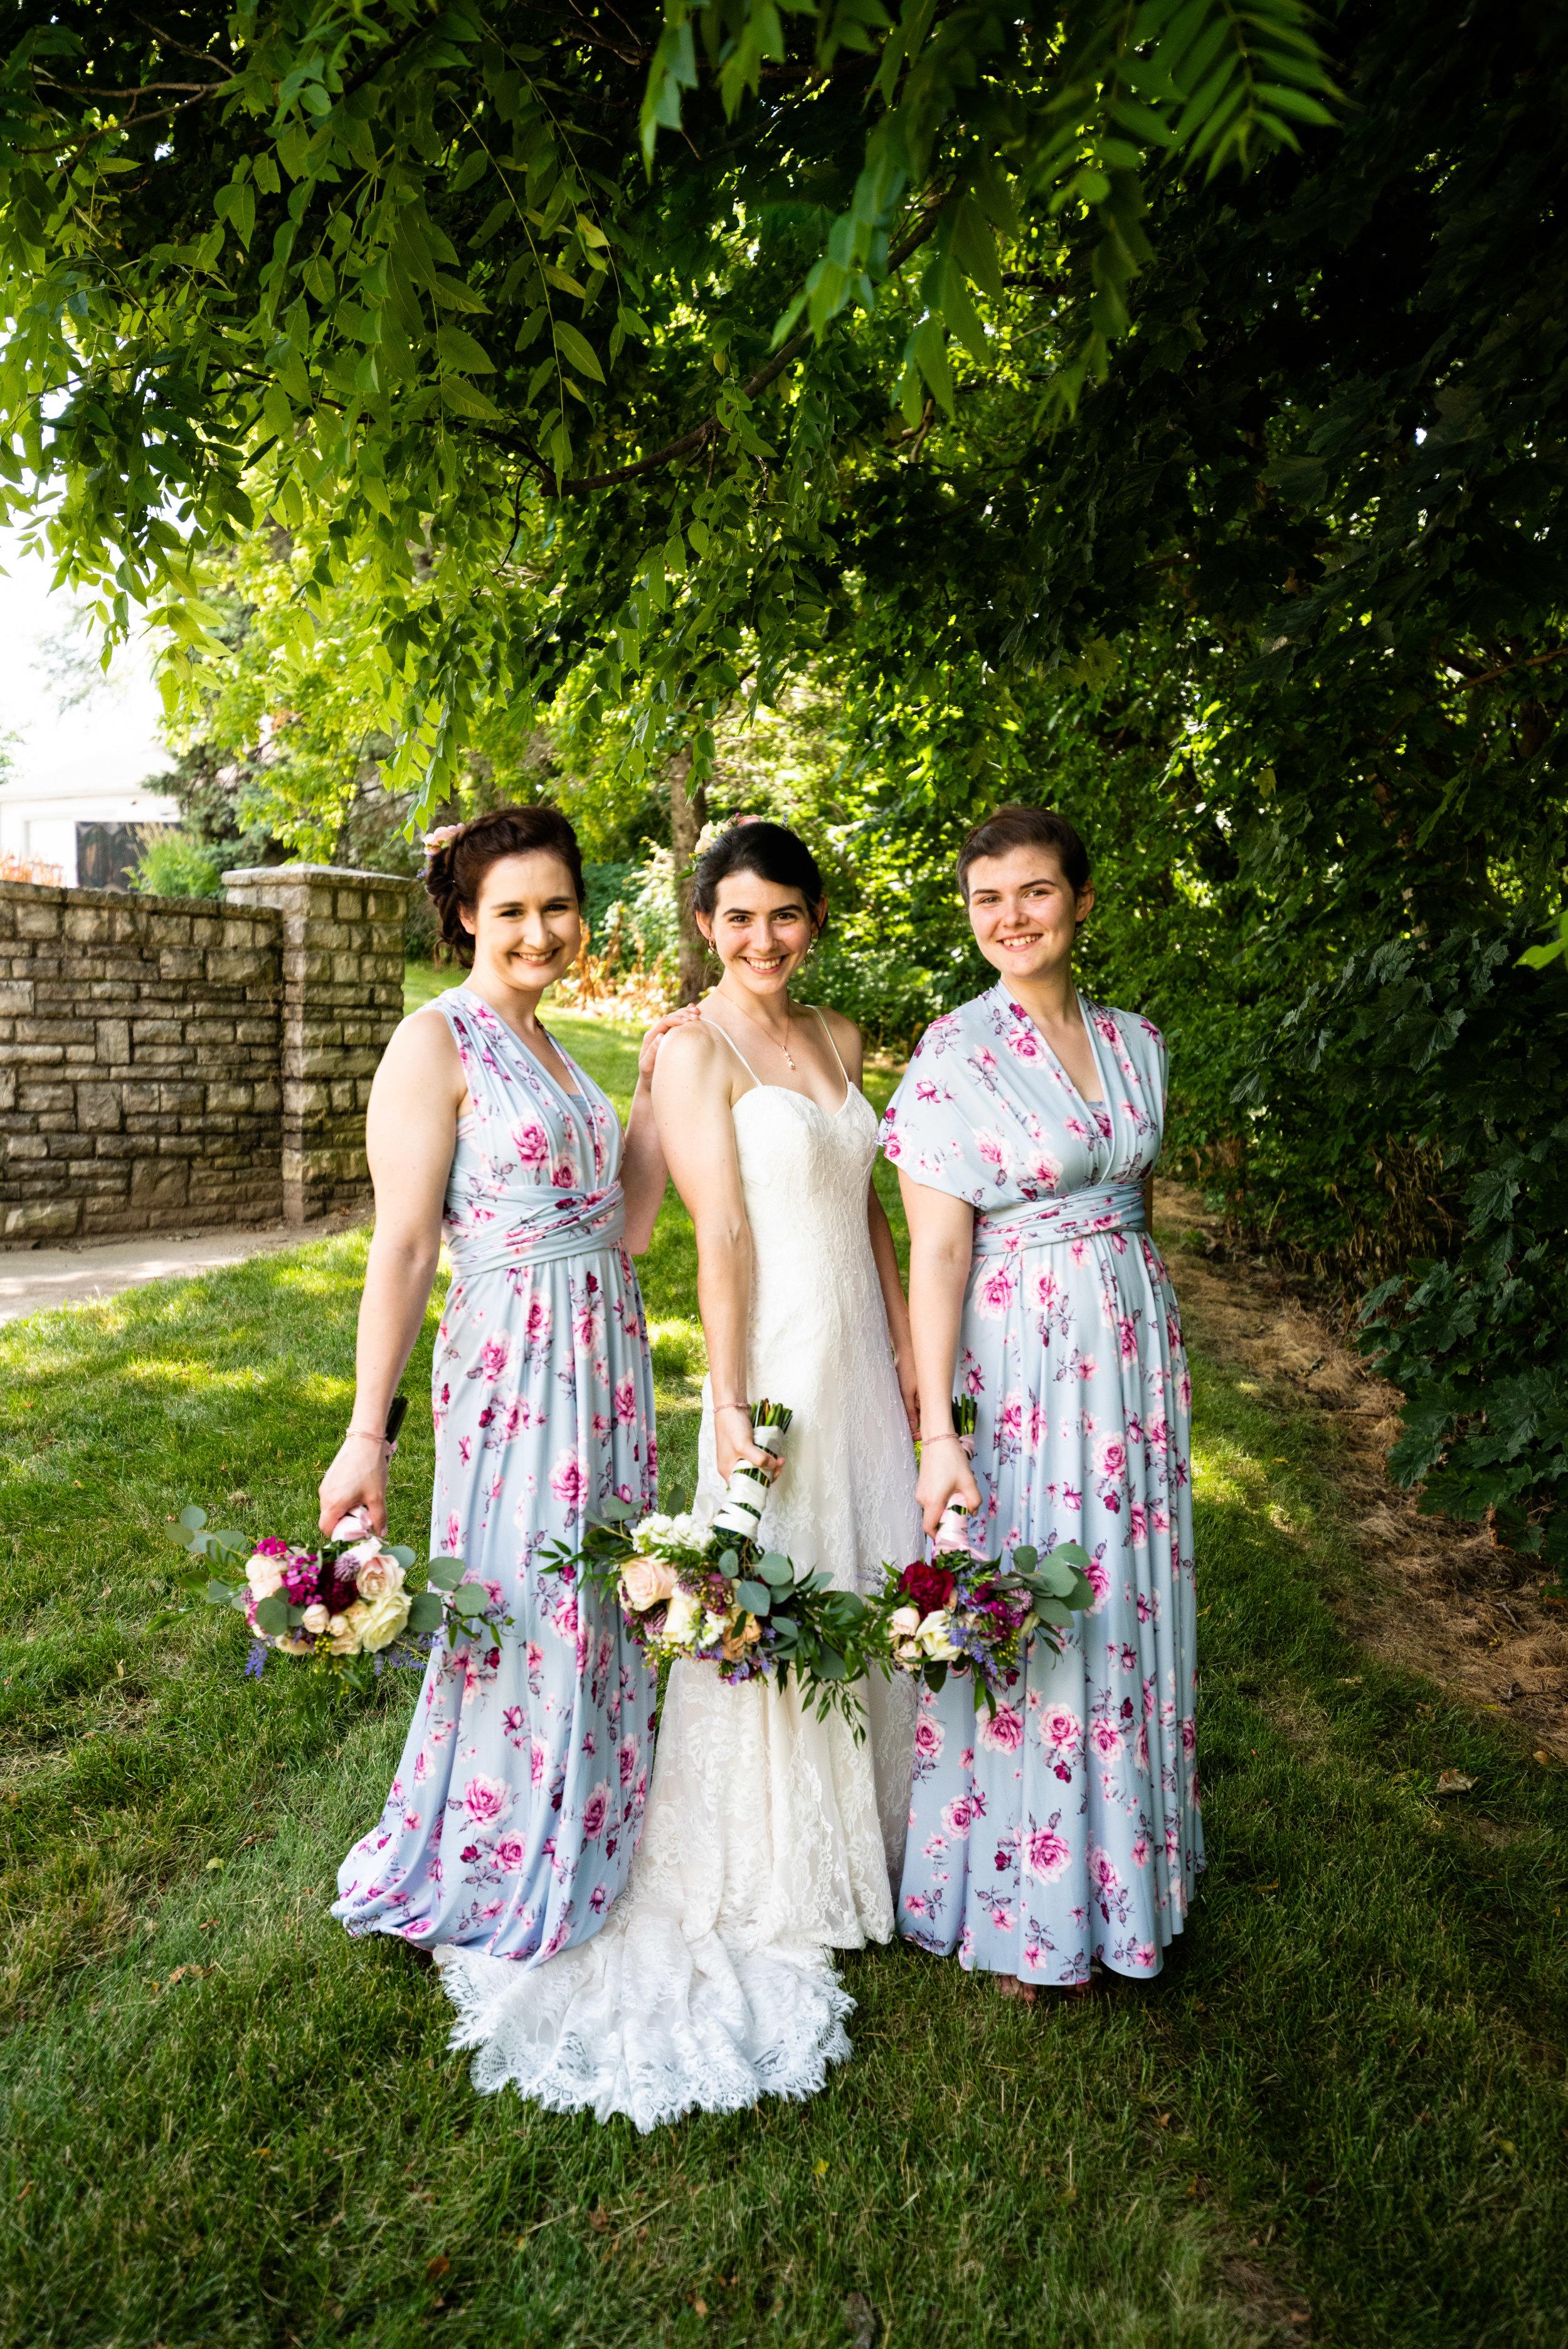 toledo ohio wedding photos